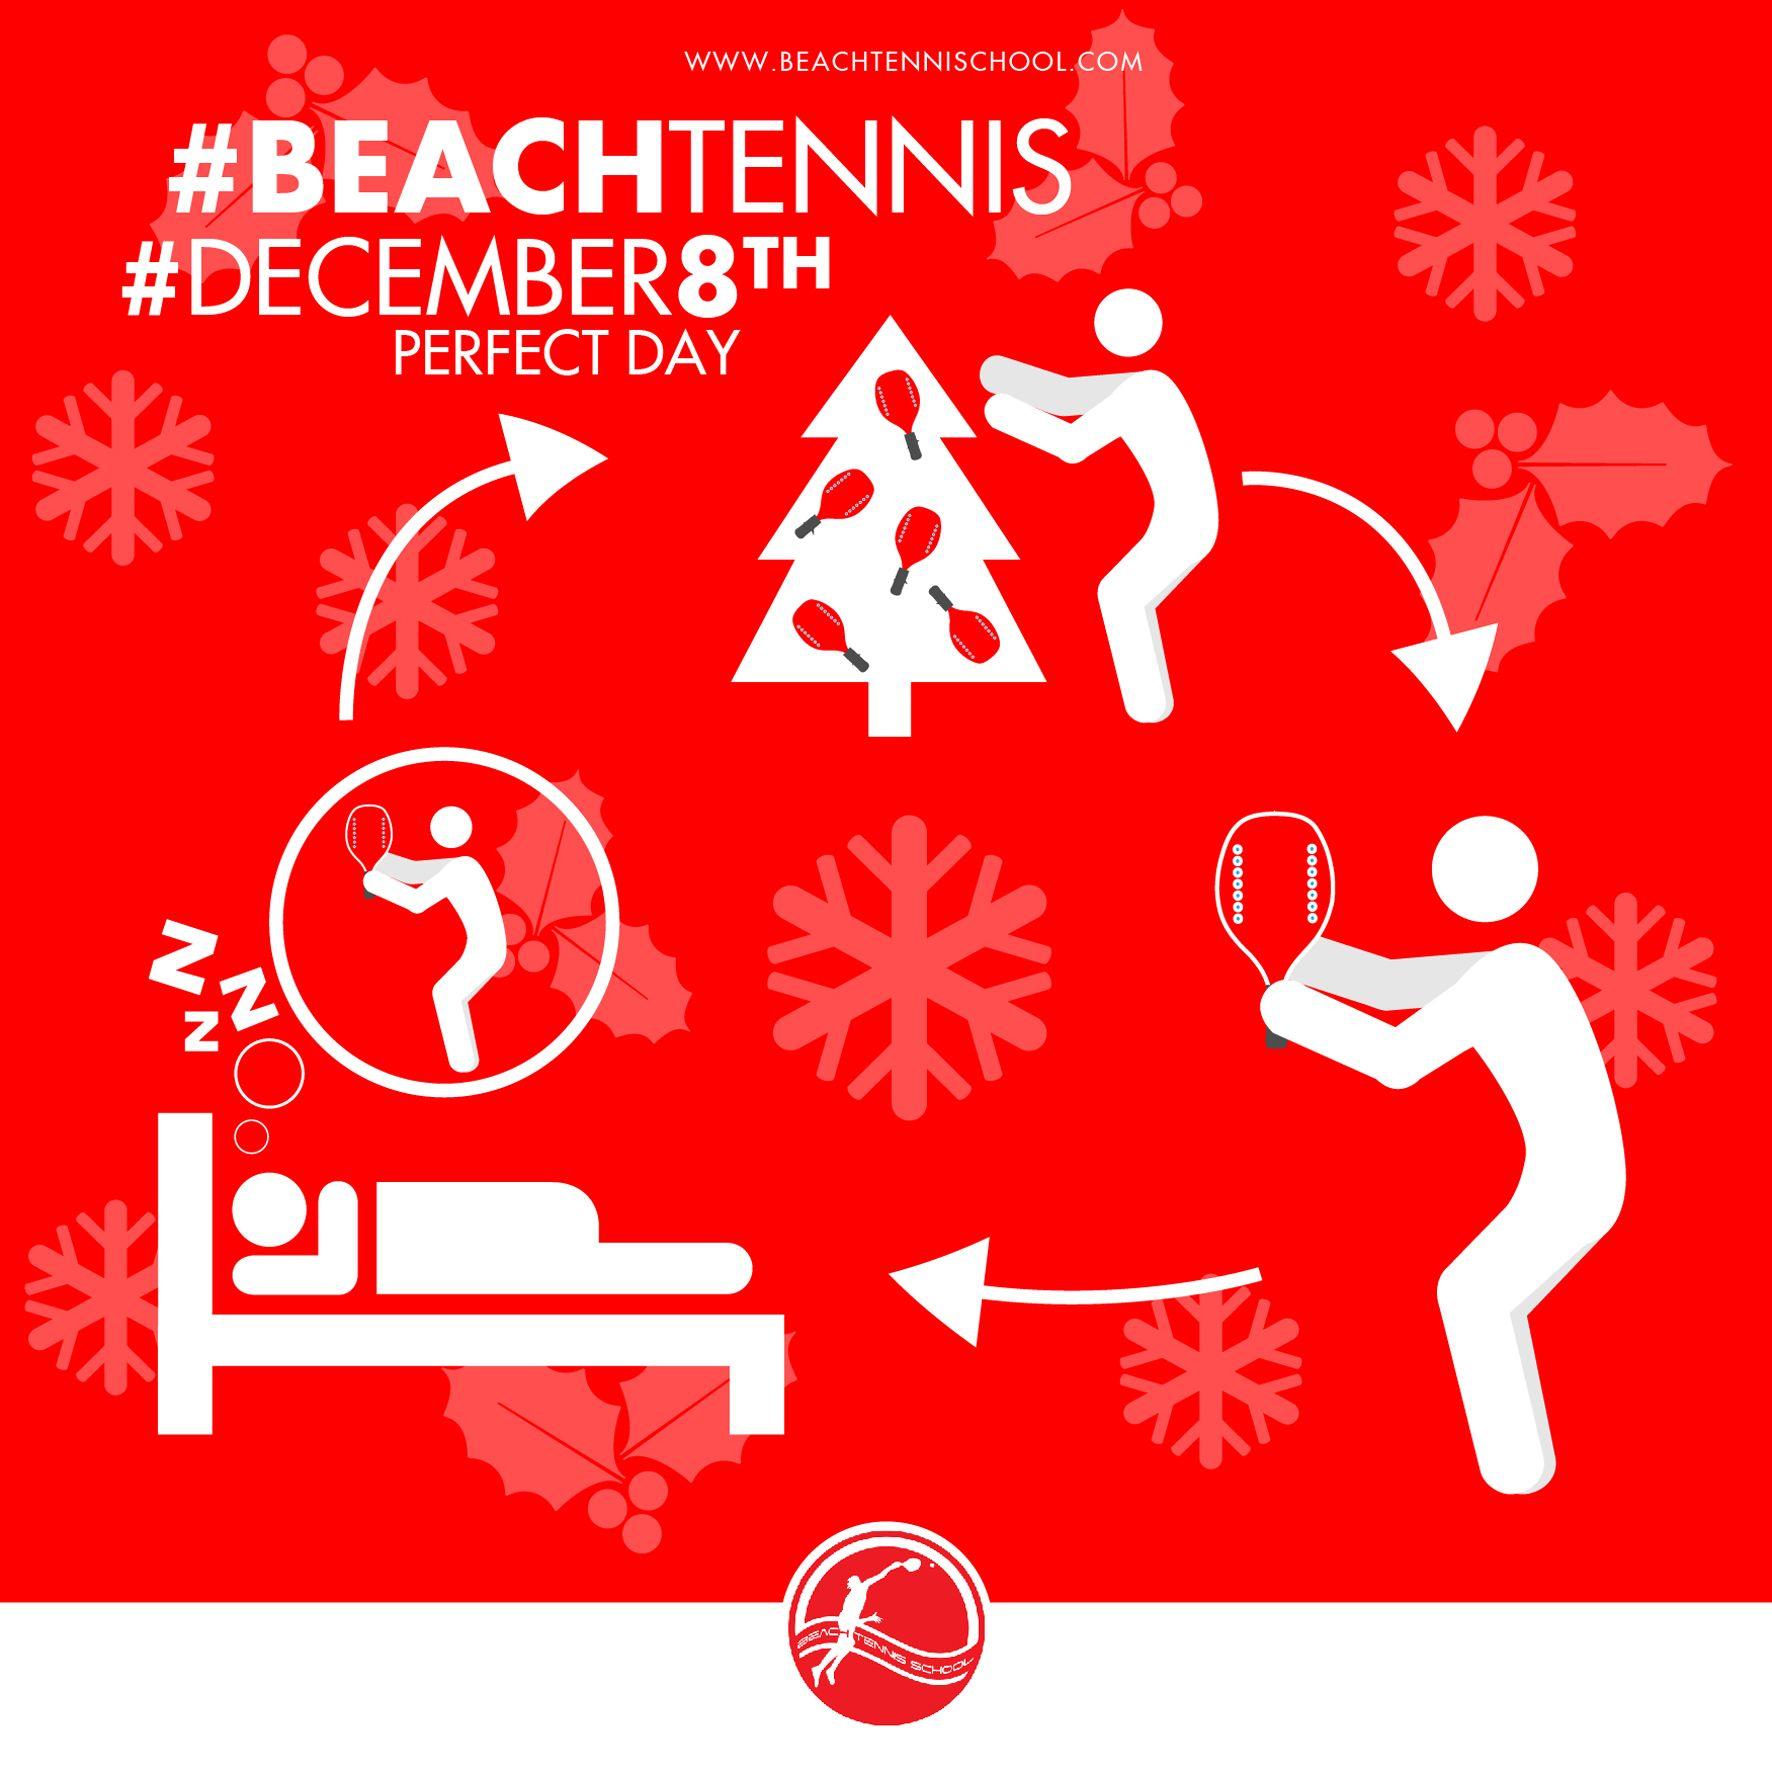 www.beachtennischool.com #beach #tennis #beachtennis #news #sport #natale